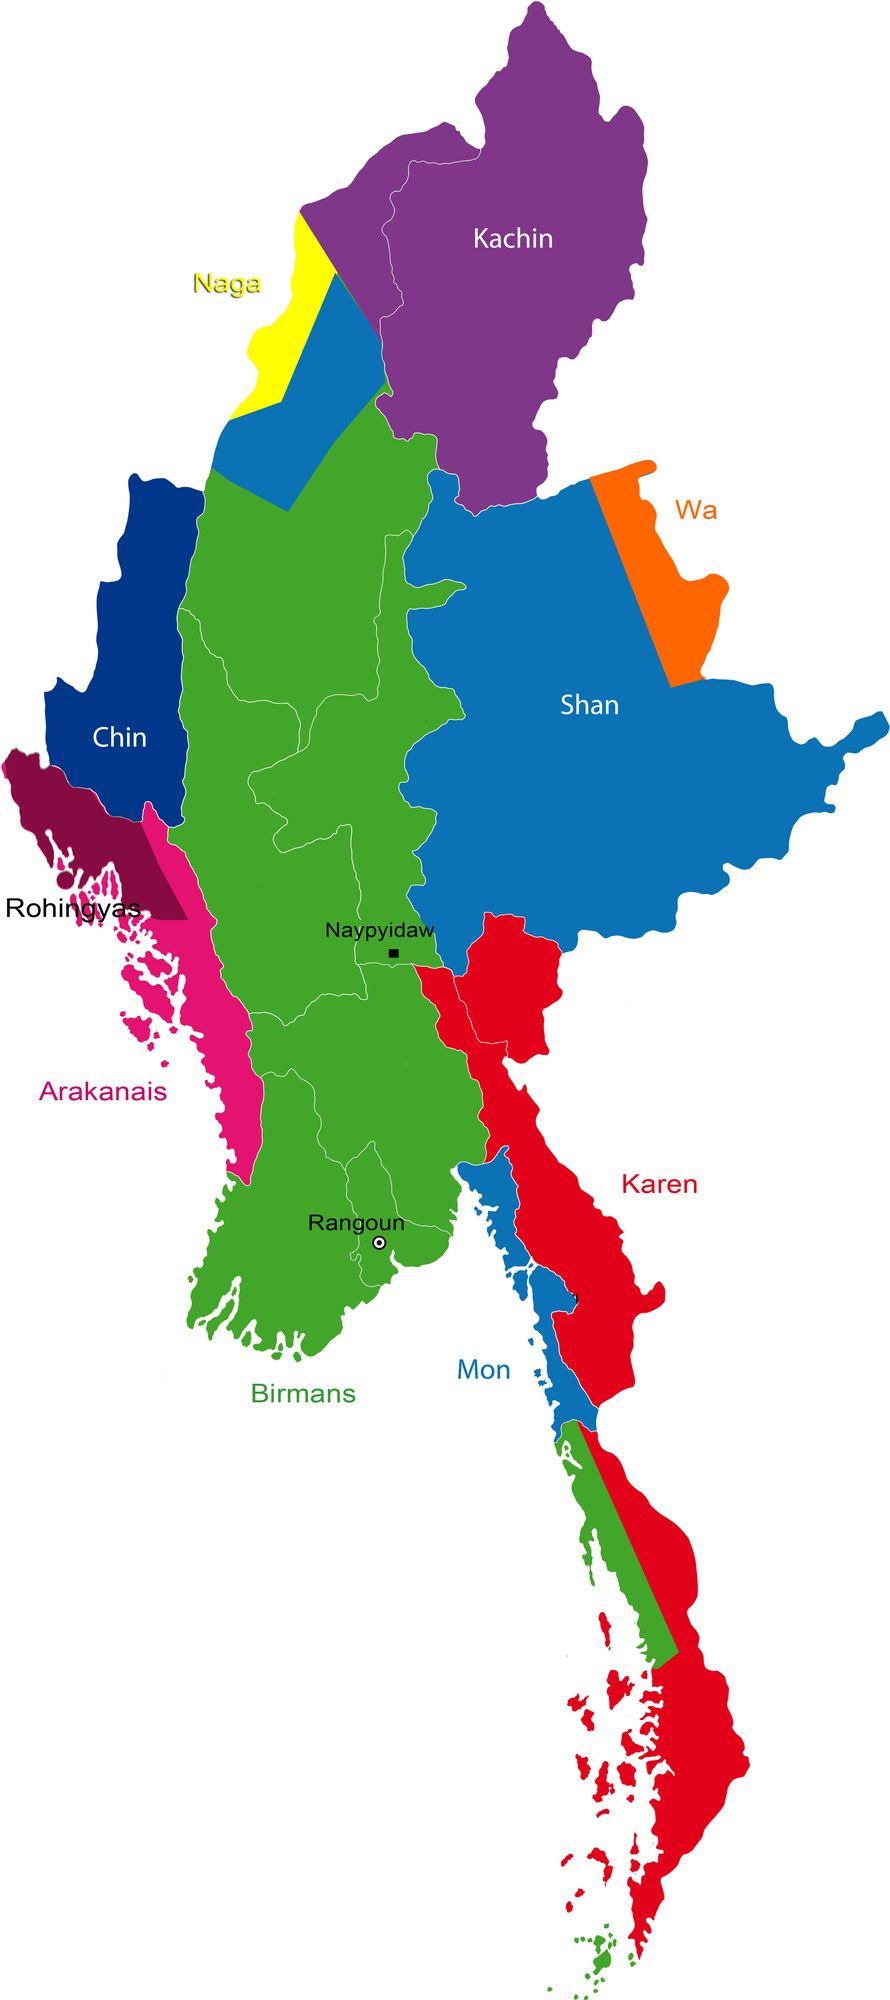 Belle La Birmanie sur la voie de la démocratie - rts.ch - Monde CL-44